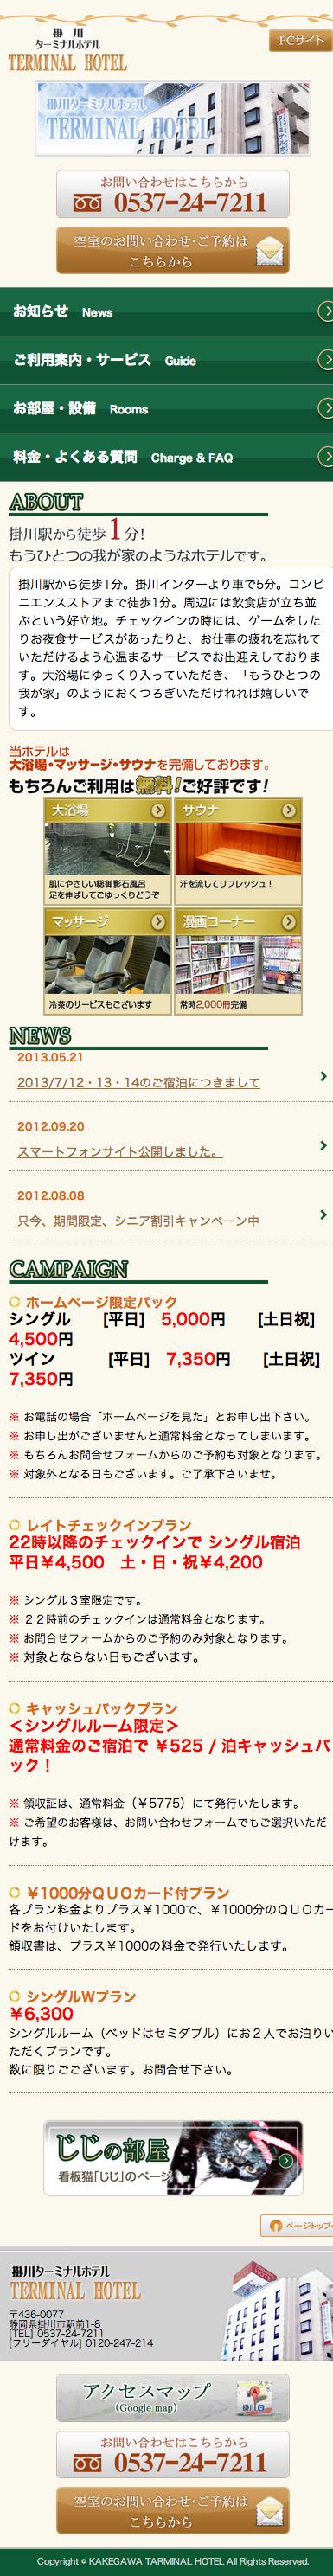 掛川イン携帯サイト